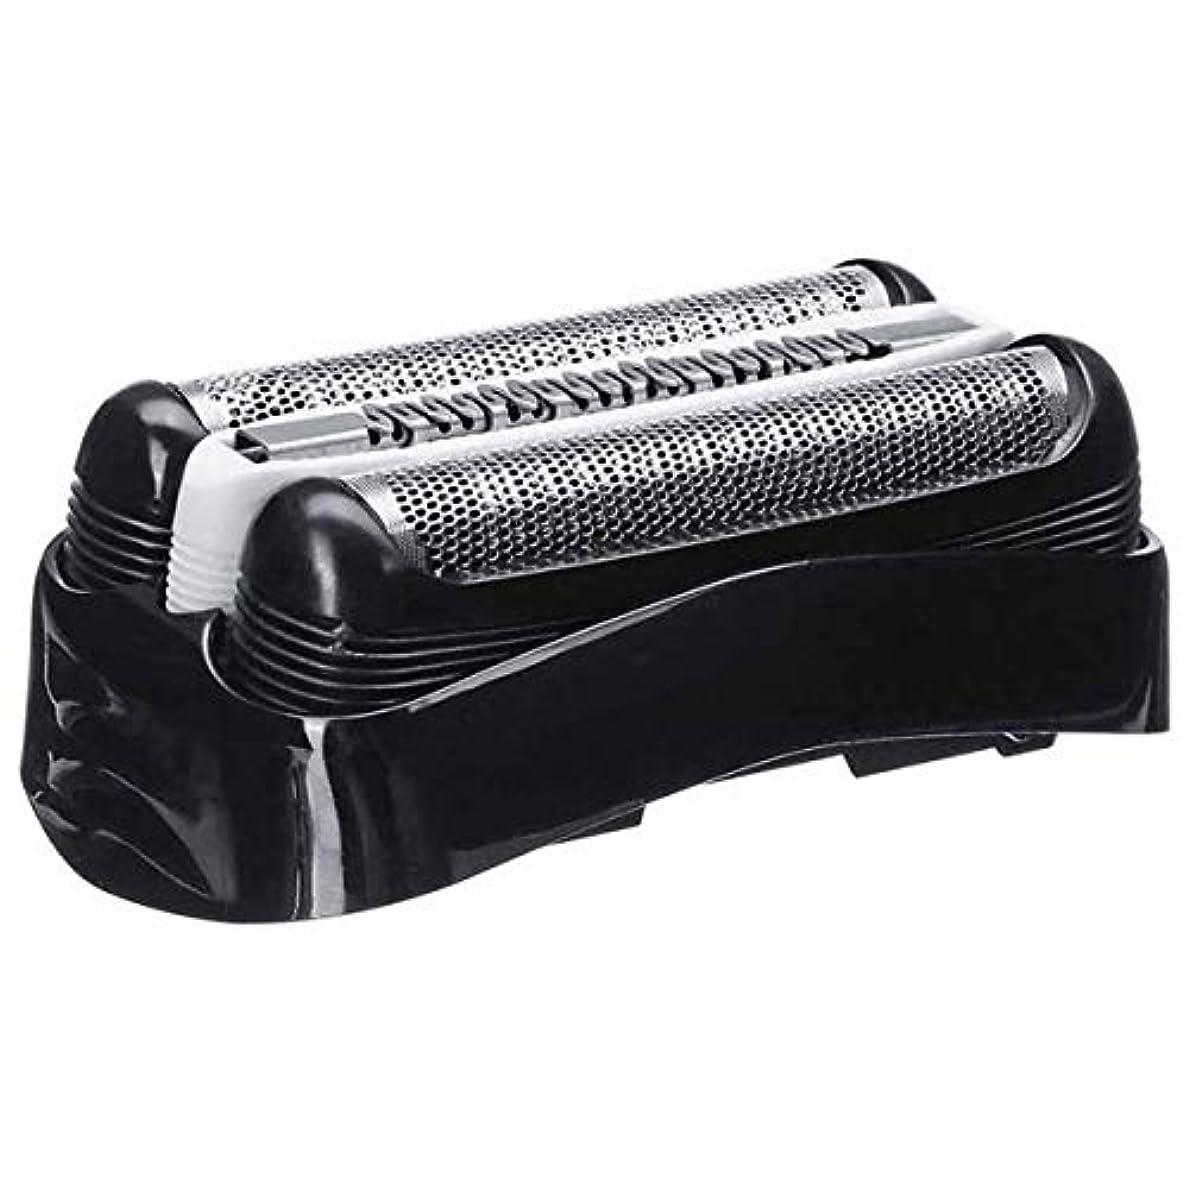 注文エアコン悲鳴ブラウン用 替刃 シリーズ3 32B (F/C32B F/C32B-5 F/C32B-6) 網刃 内刃 一体型 カセット シェーバー 髭剃り 替え刃 交換 互換品 Braun用 ブラック